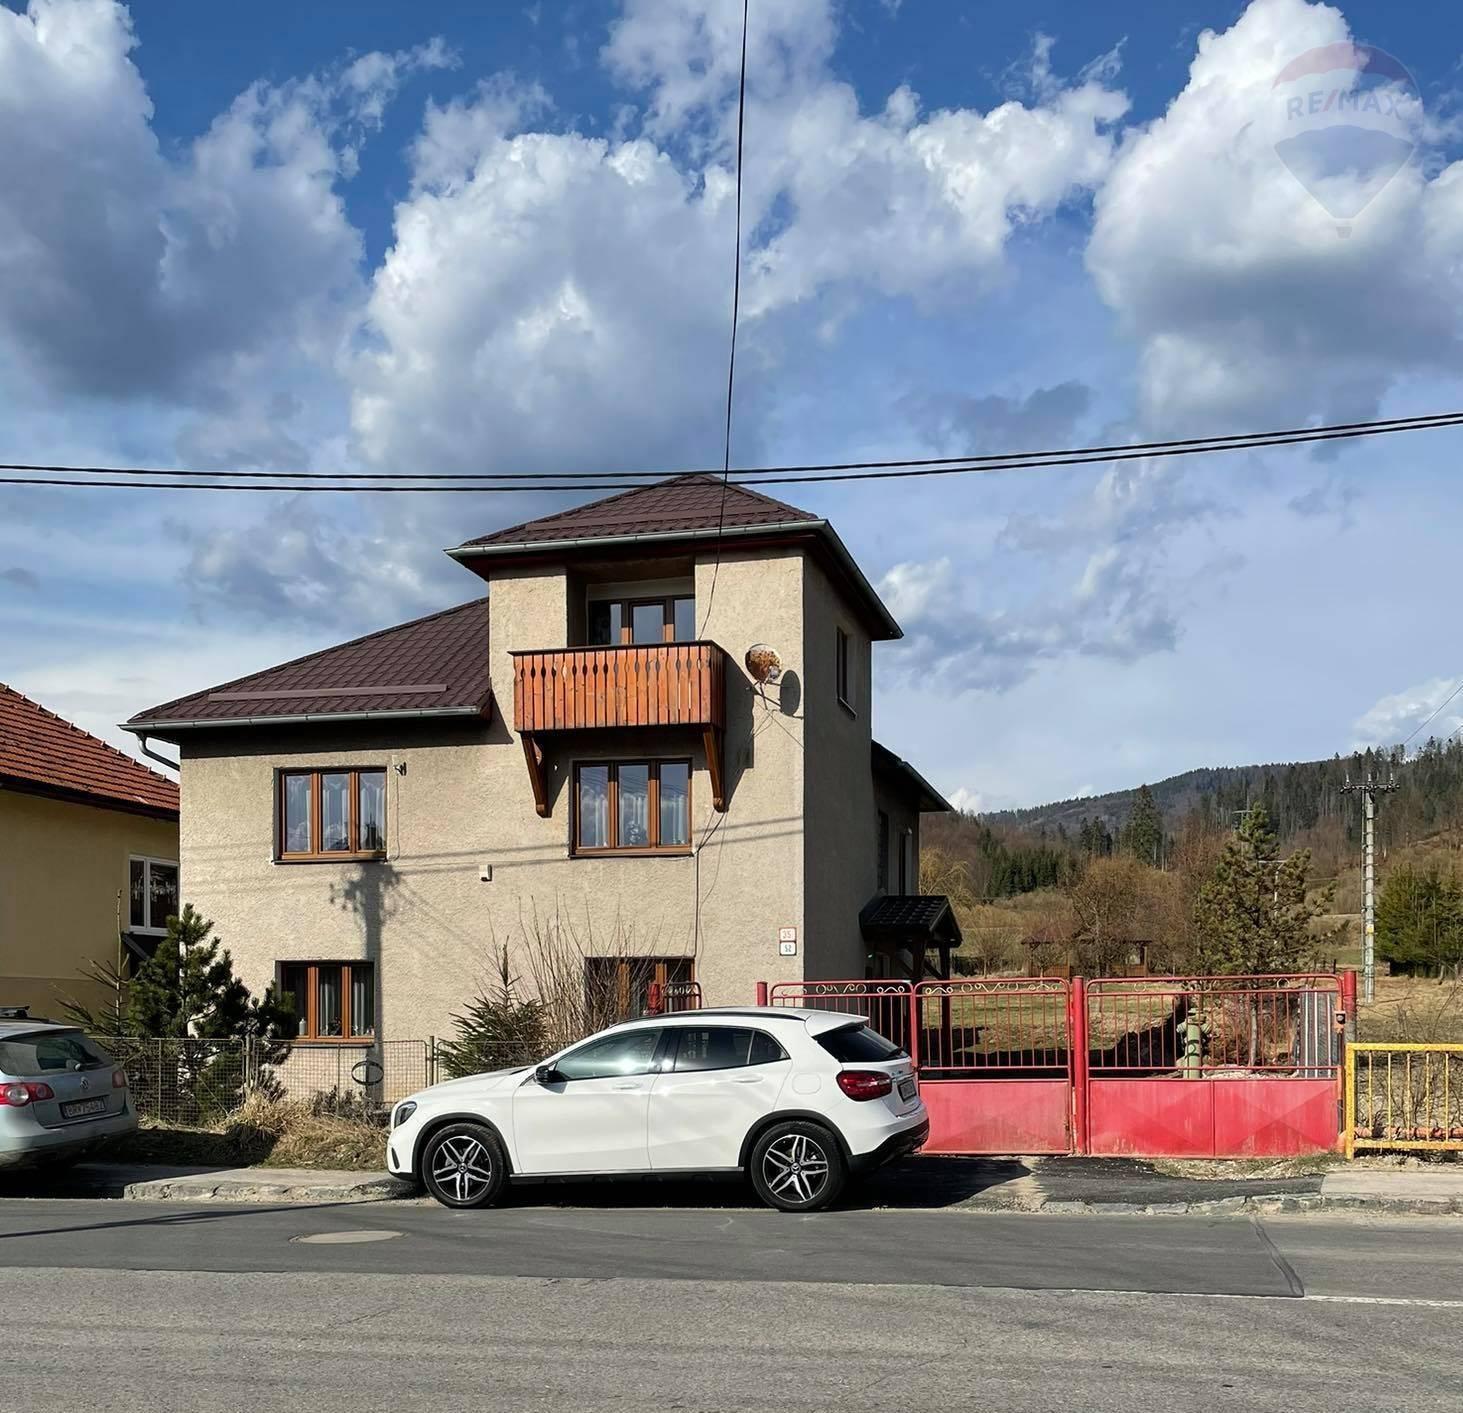 PREDAJ: Rodinný dom po rekonštrukcii na veľkom slnečnom pozemku / so zariadením a vybavením/